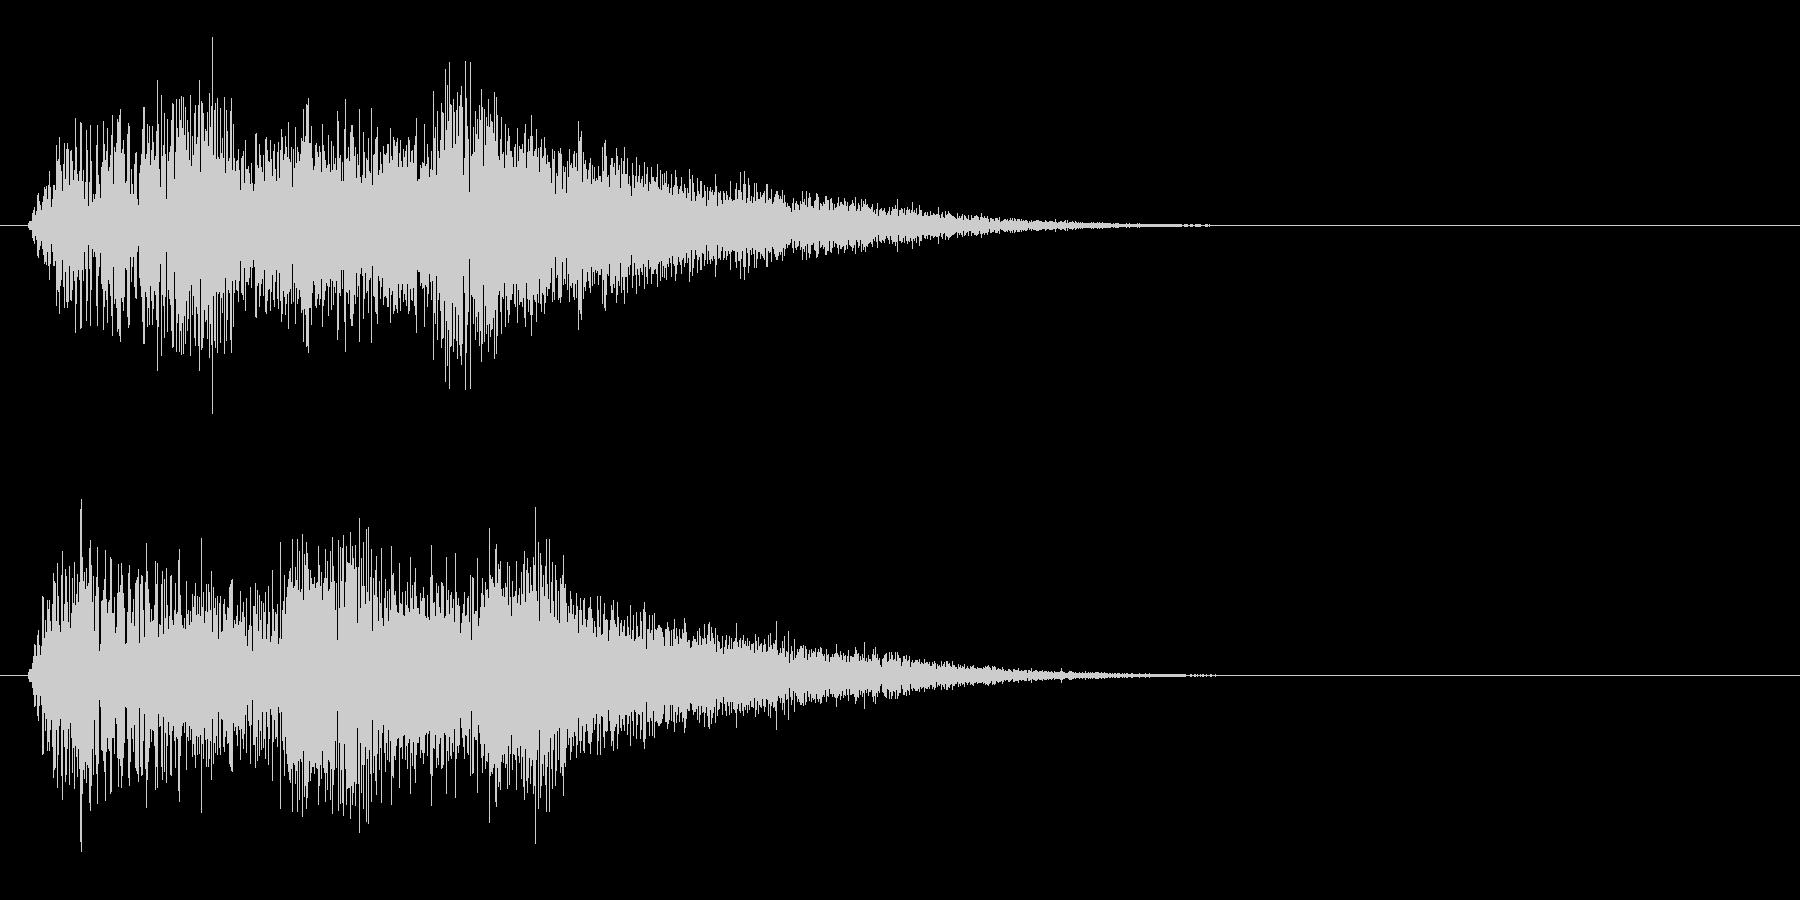 ブワンブワンブワン(魔法的な上昇音)の未再生の波形